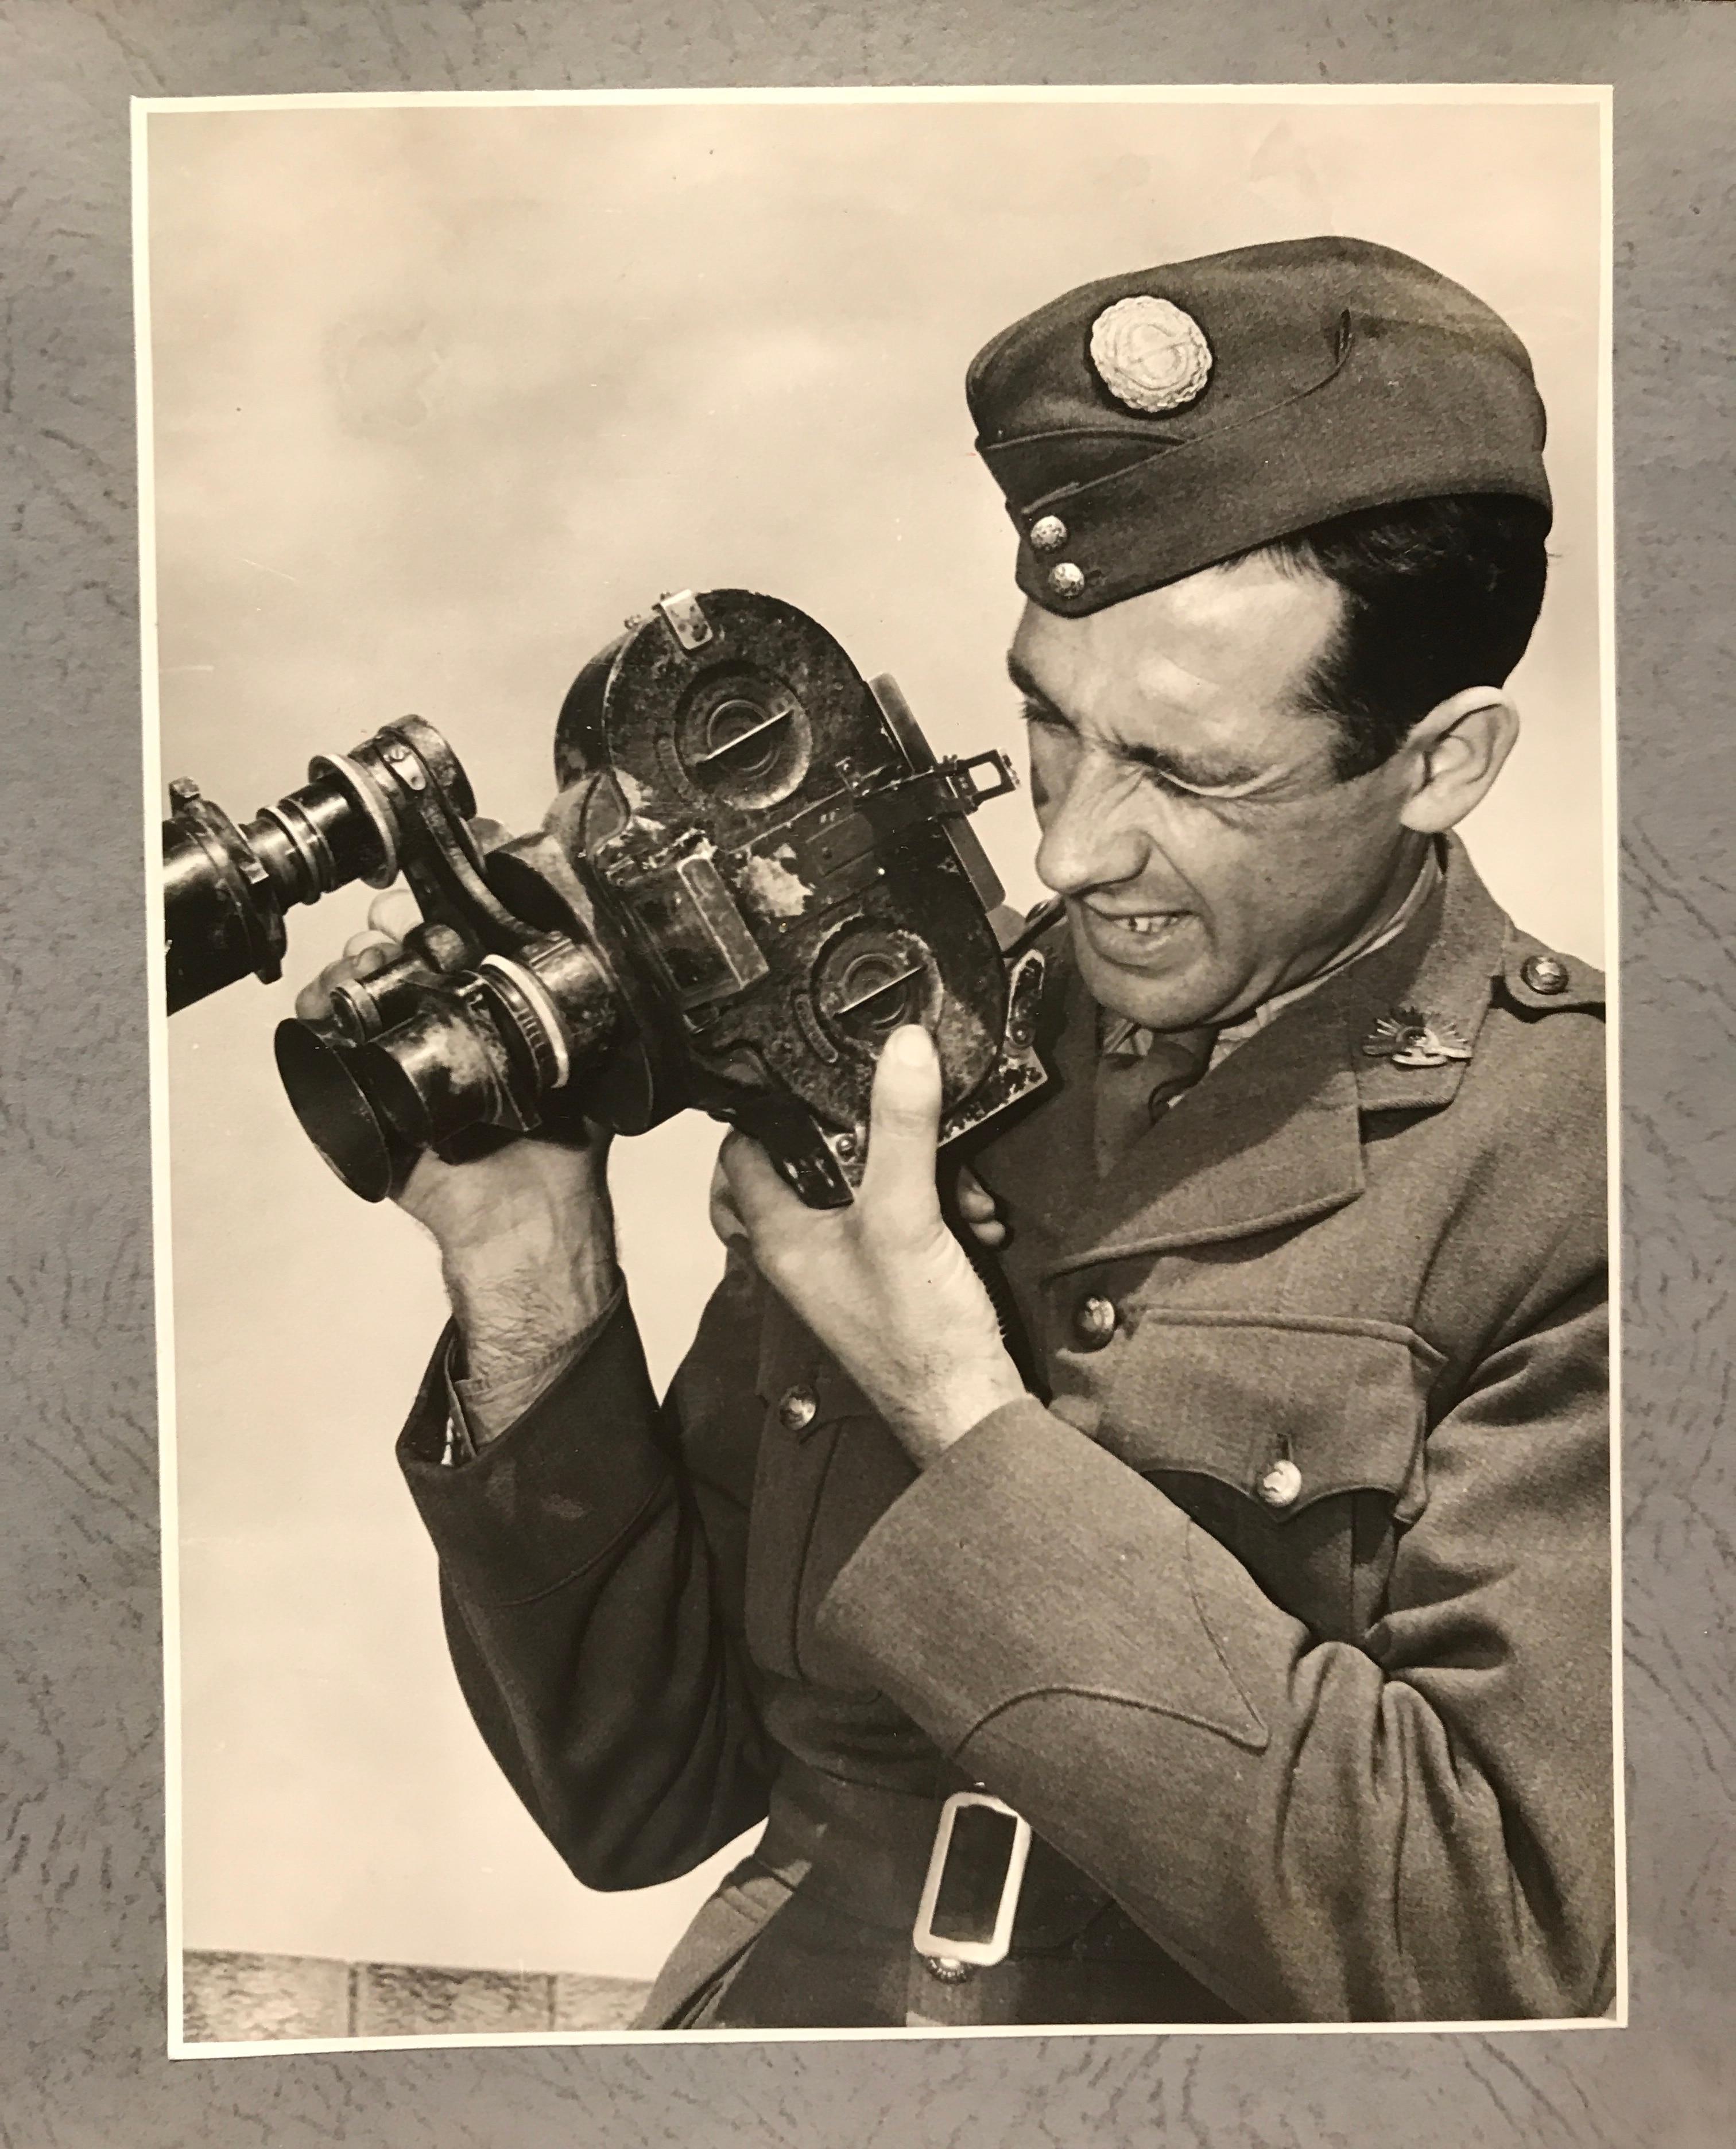 Australian war cameraman, Damien Parer.